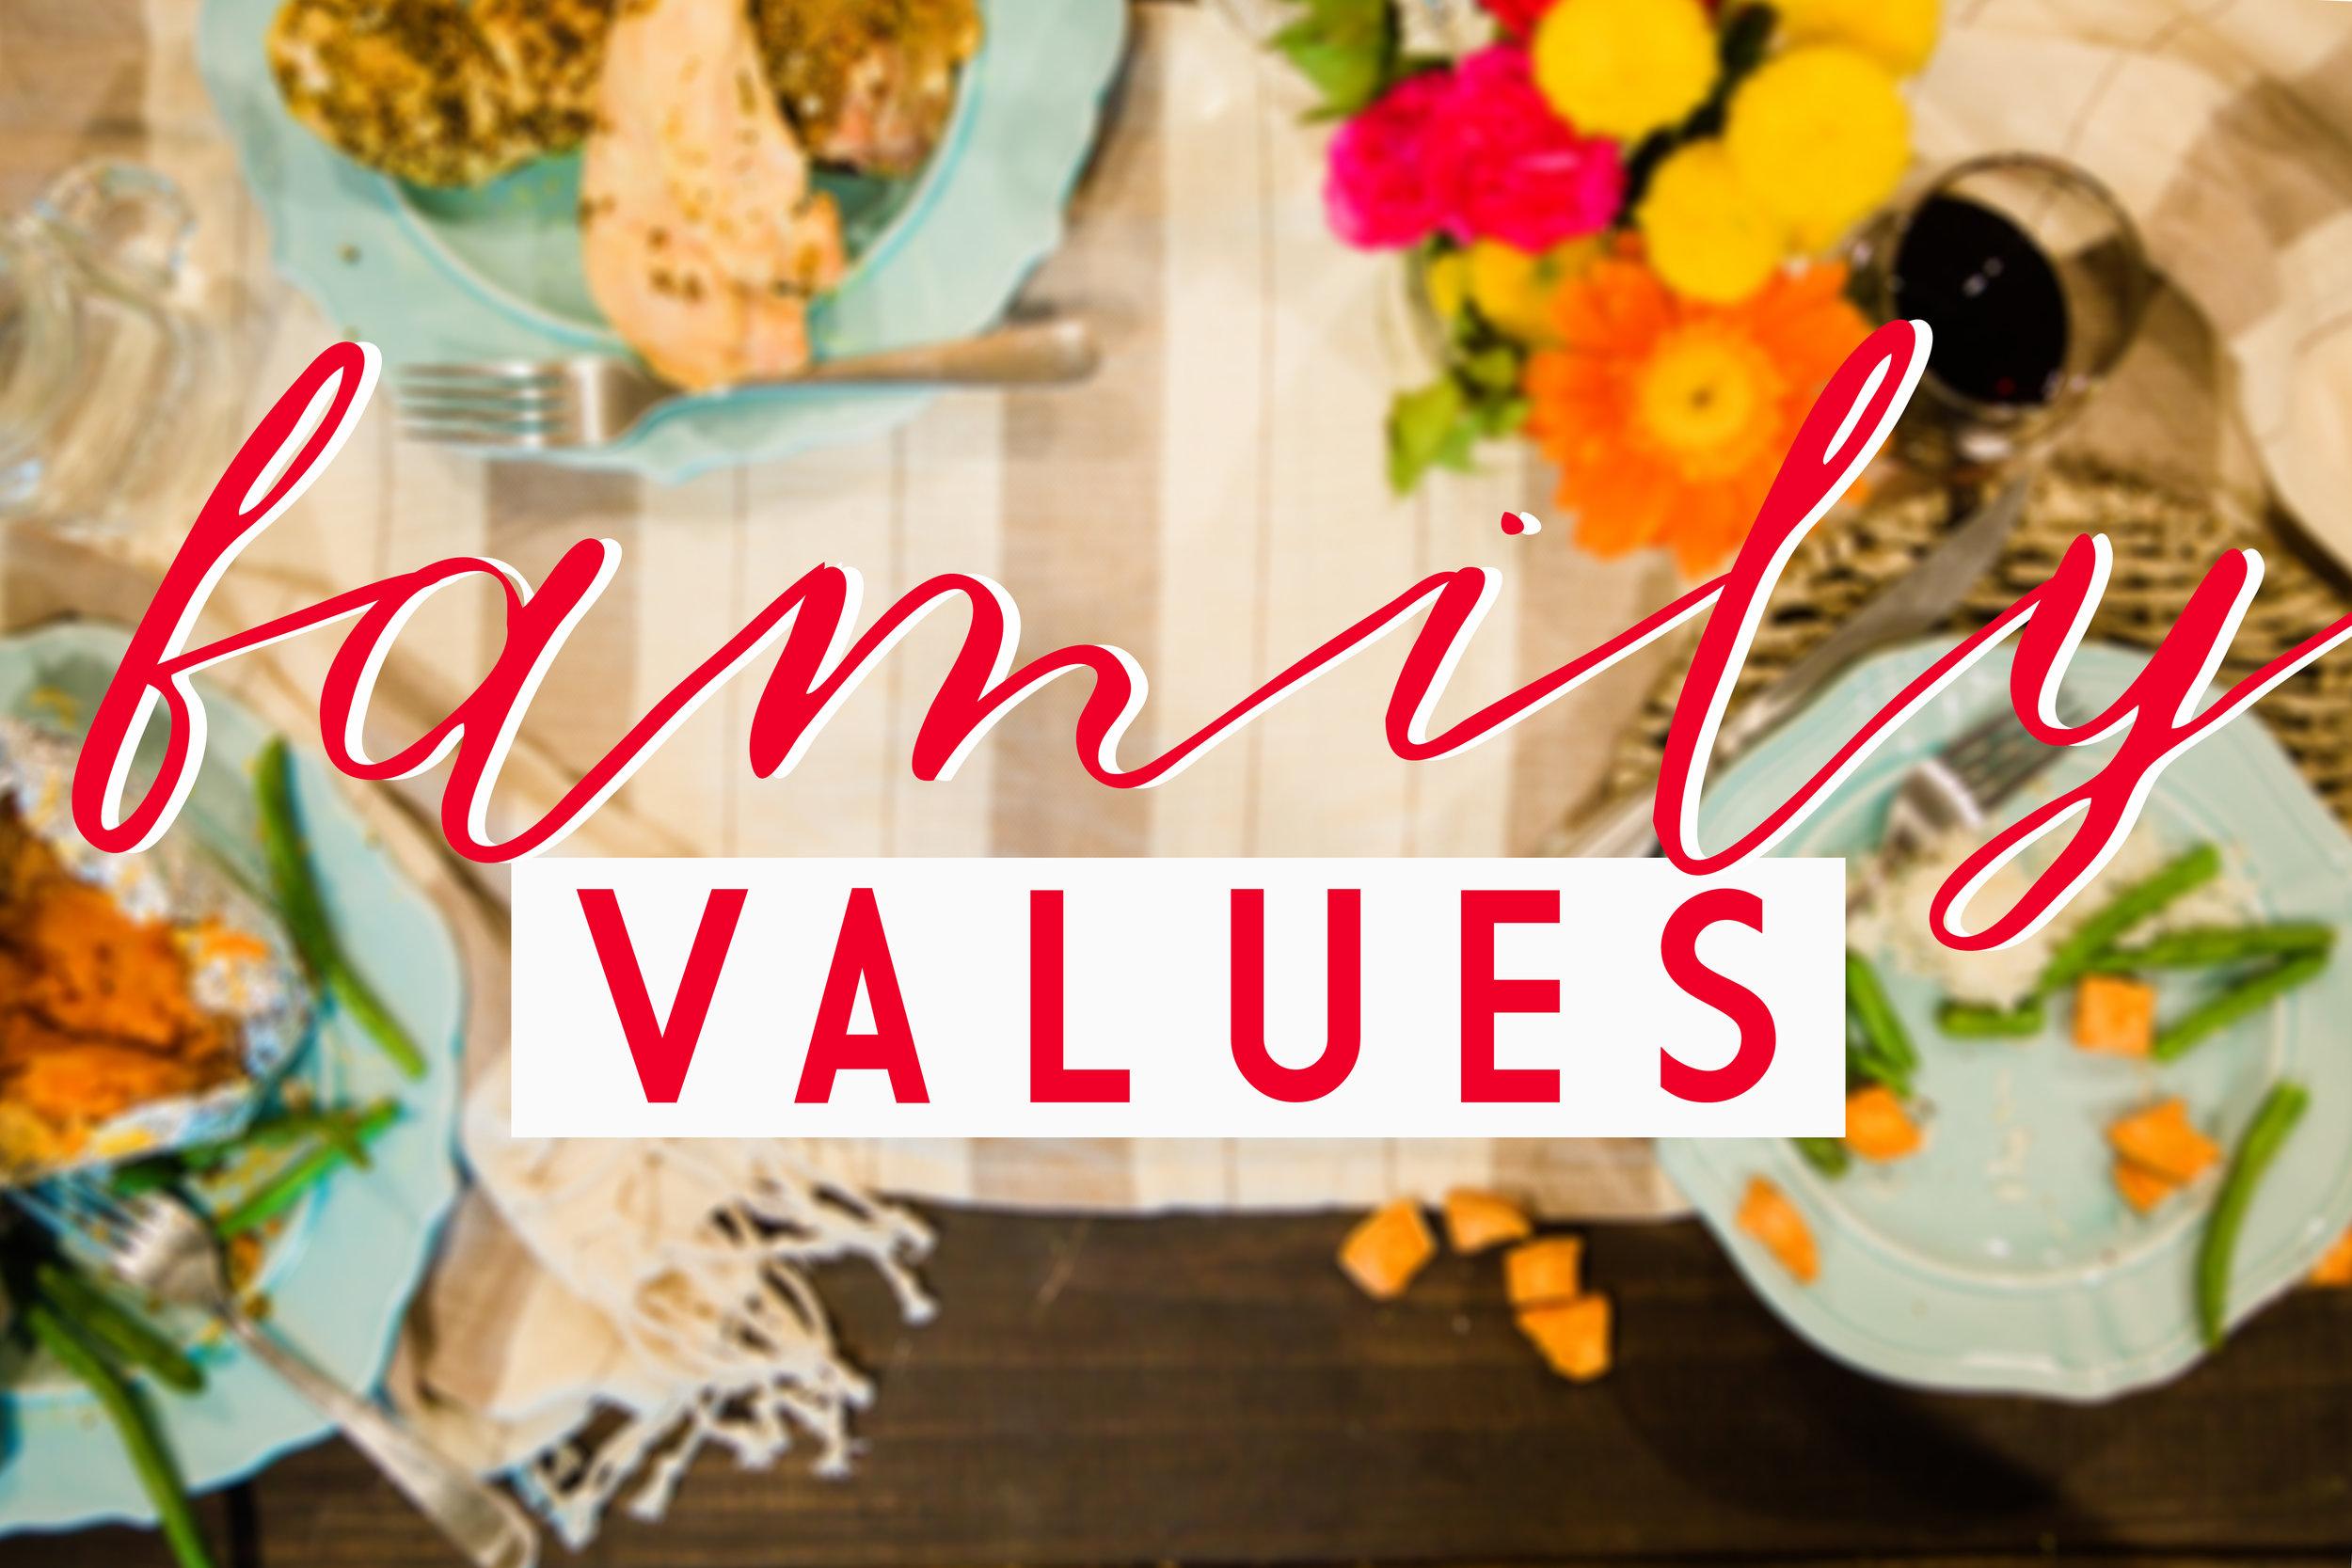 valuesseries_2019.jpg